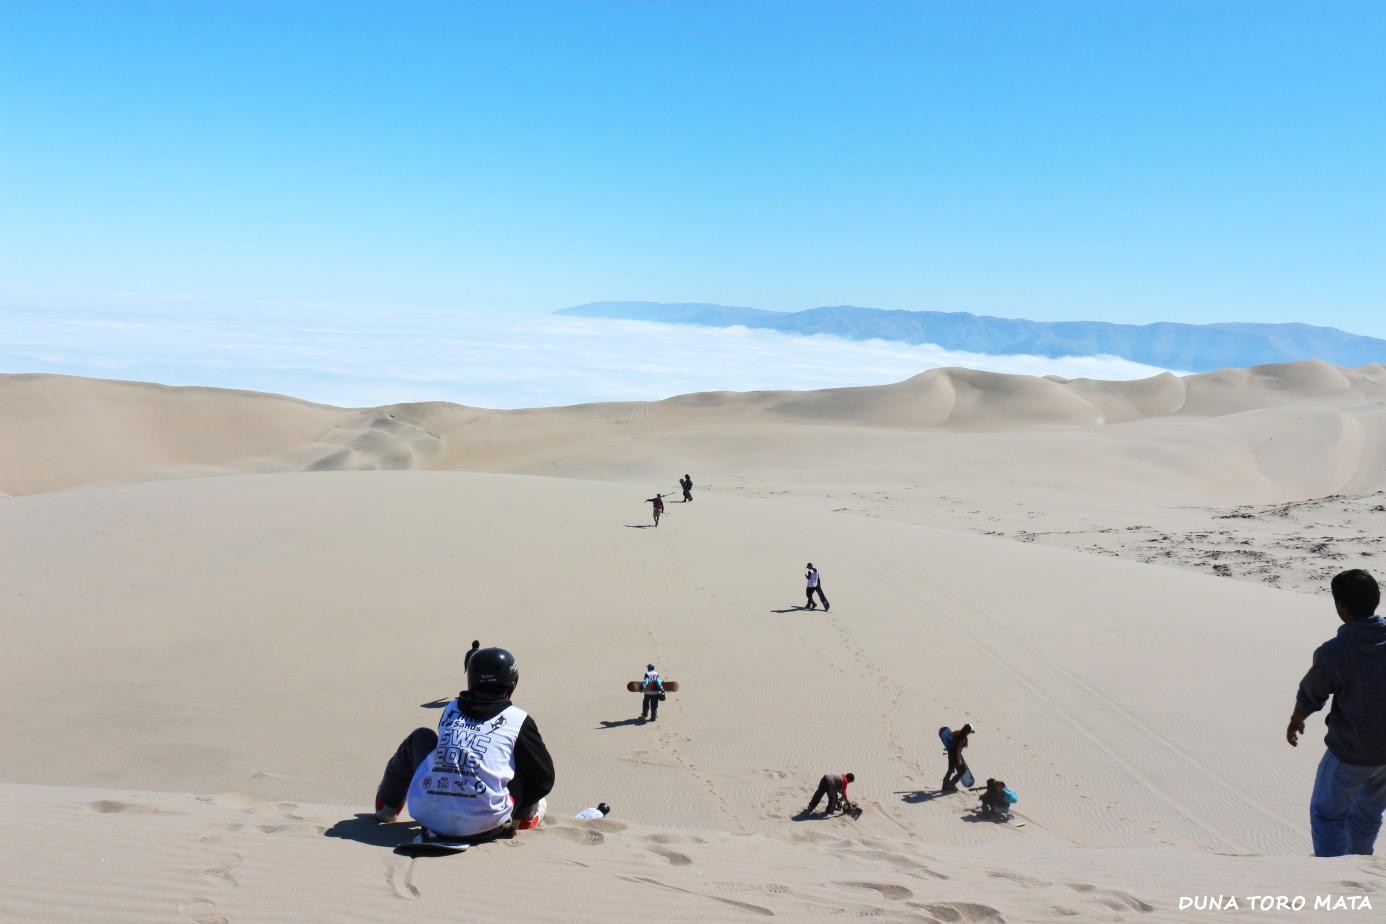 Duna-Toro-Mata-Arequipa